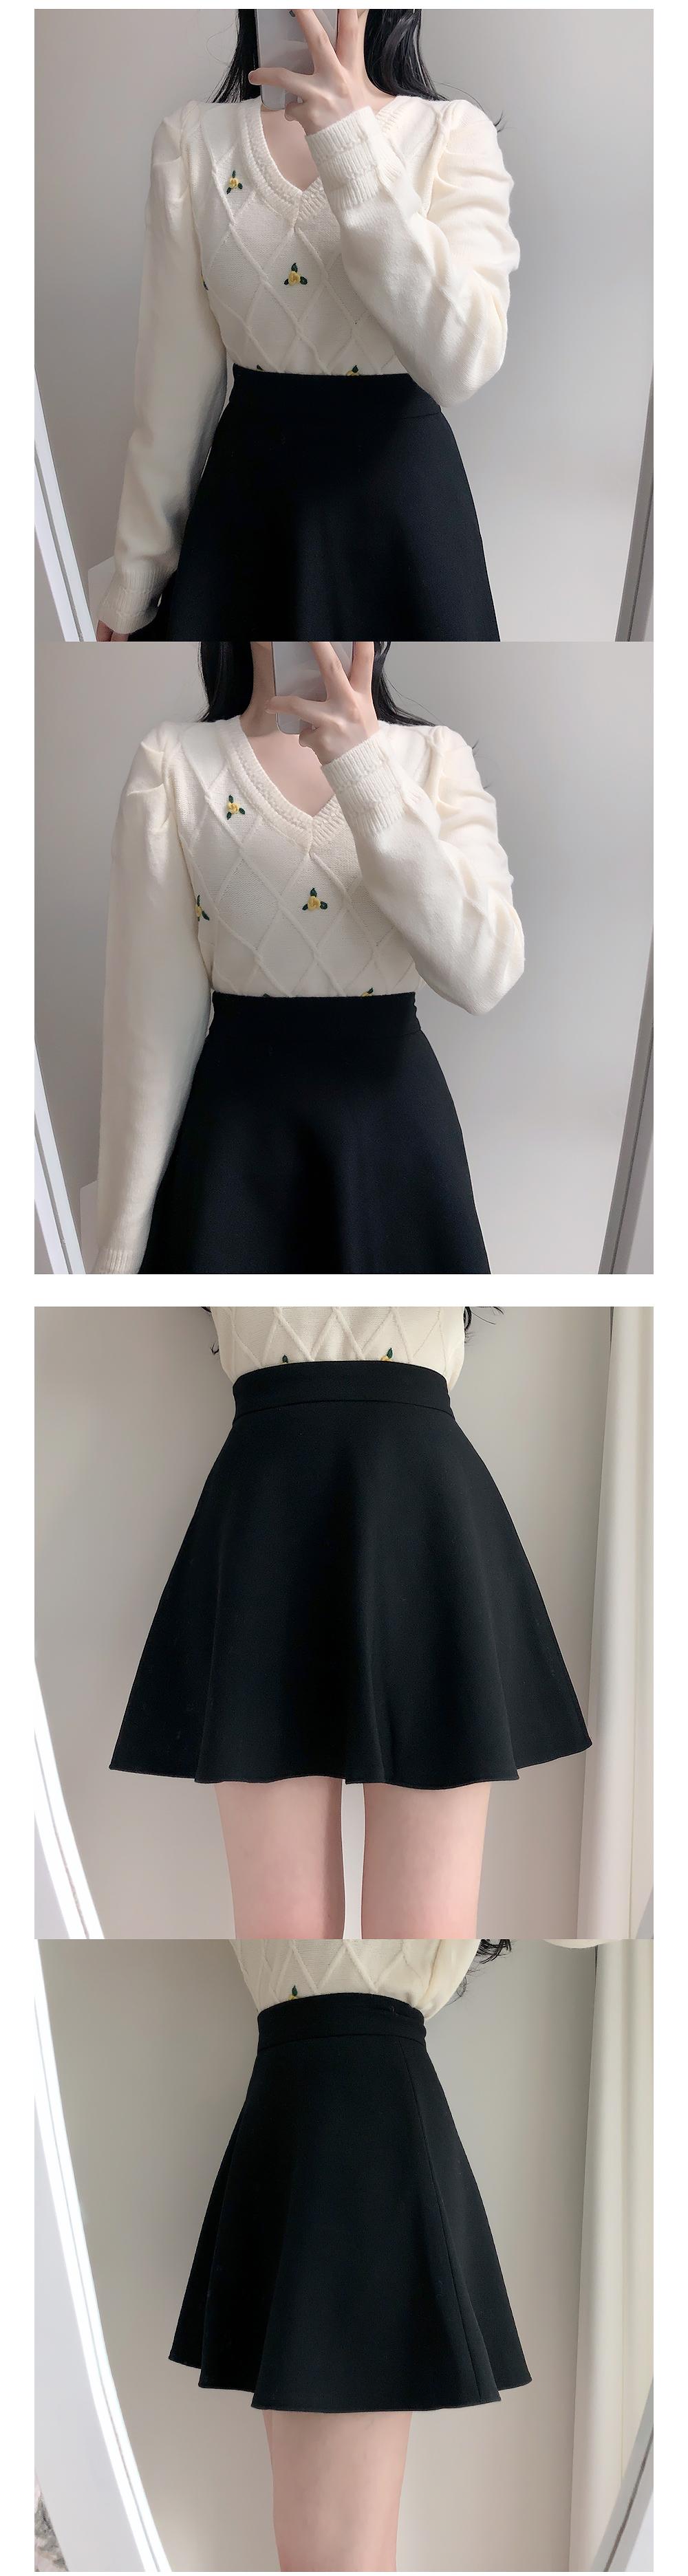 skirt detail image-S1L11